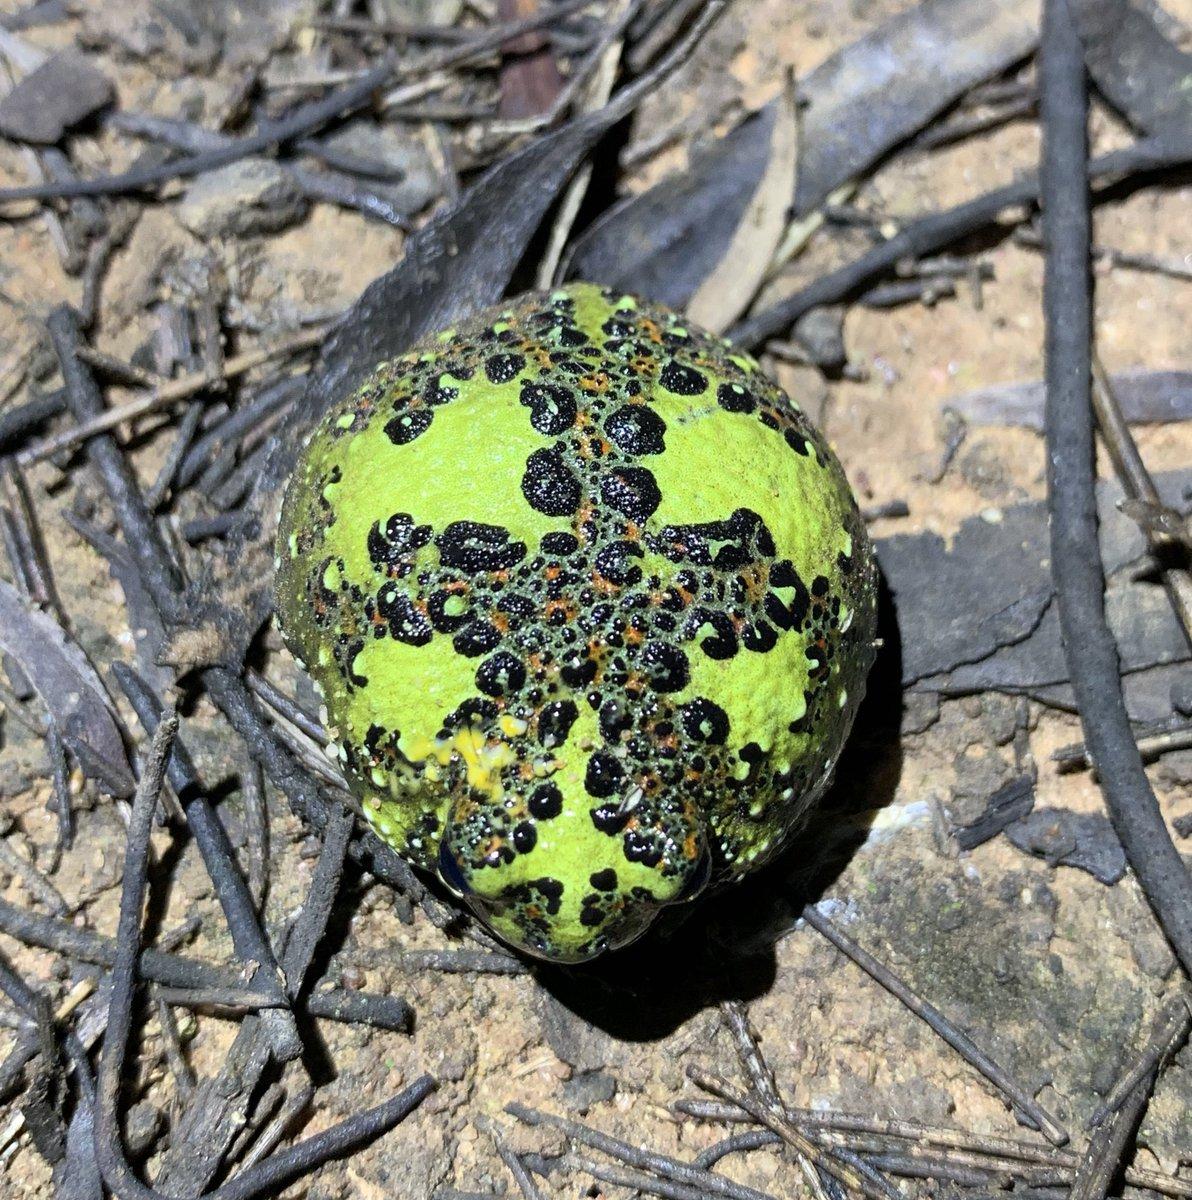 Crucifix #frogs (Notaden bennettii)!!! #WildOz https://t.co/7ybzlsXqyr